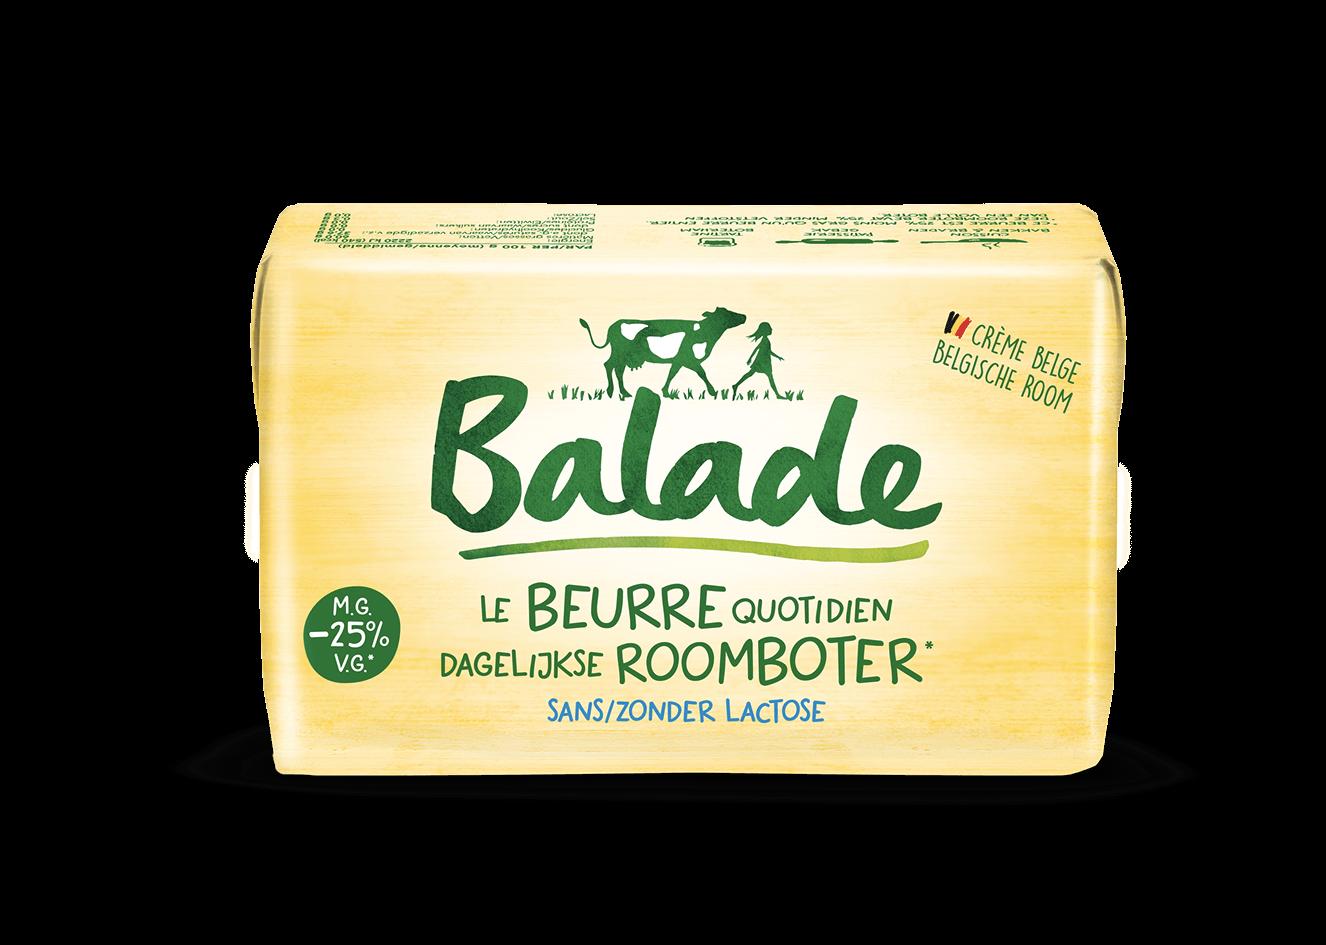 De smaak van echte boter zonder lactose